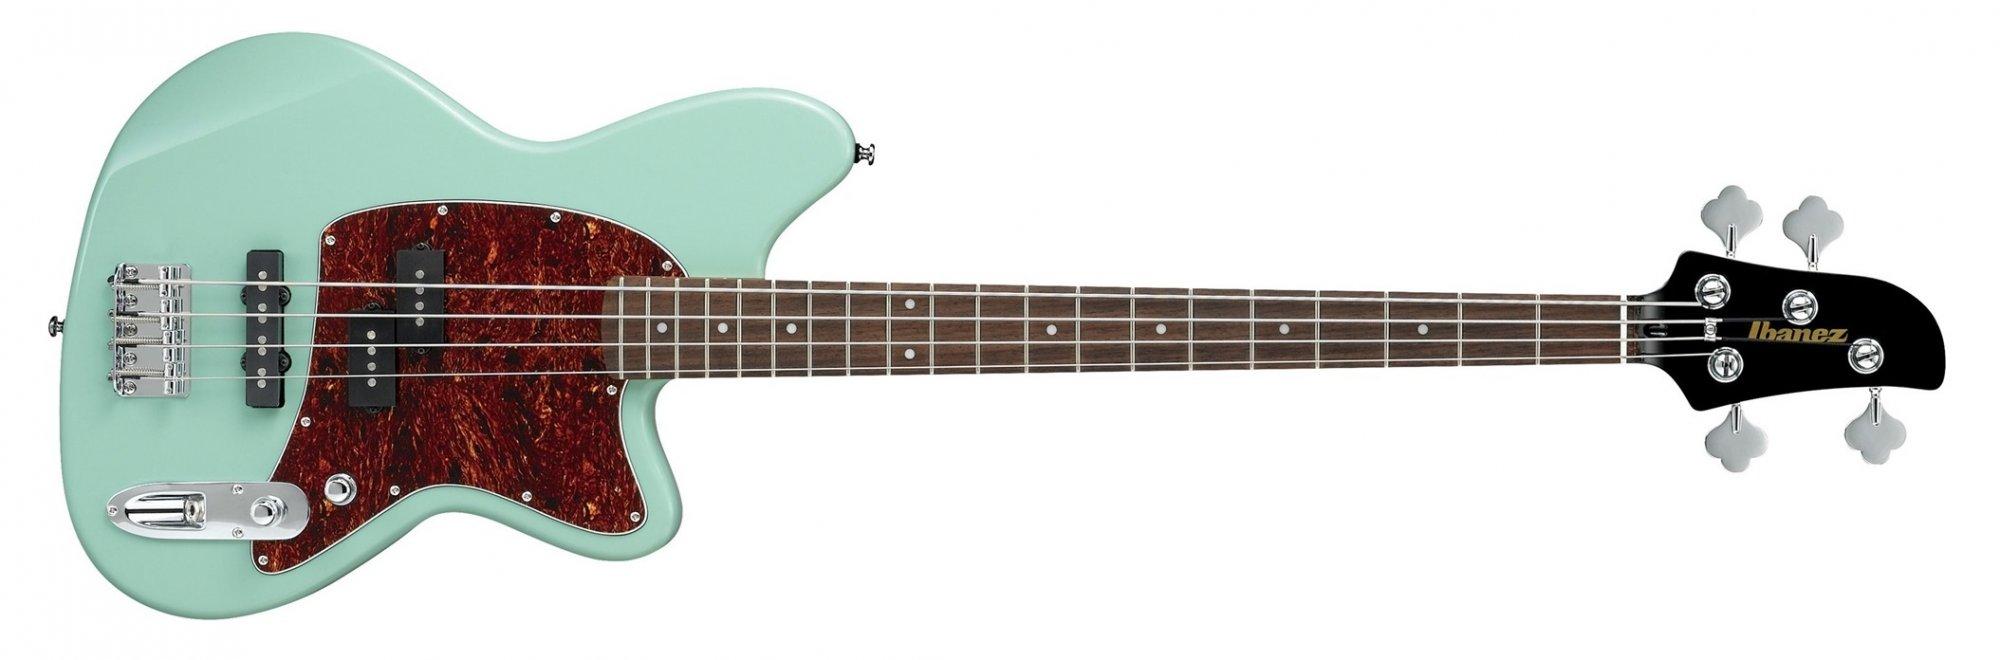 Ibanez TMB100 MG Talman Electric Bass, Mint Green